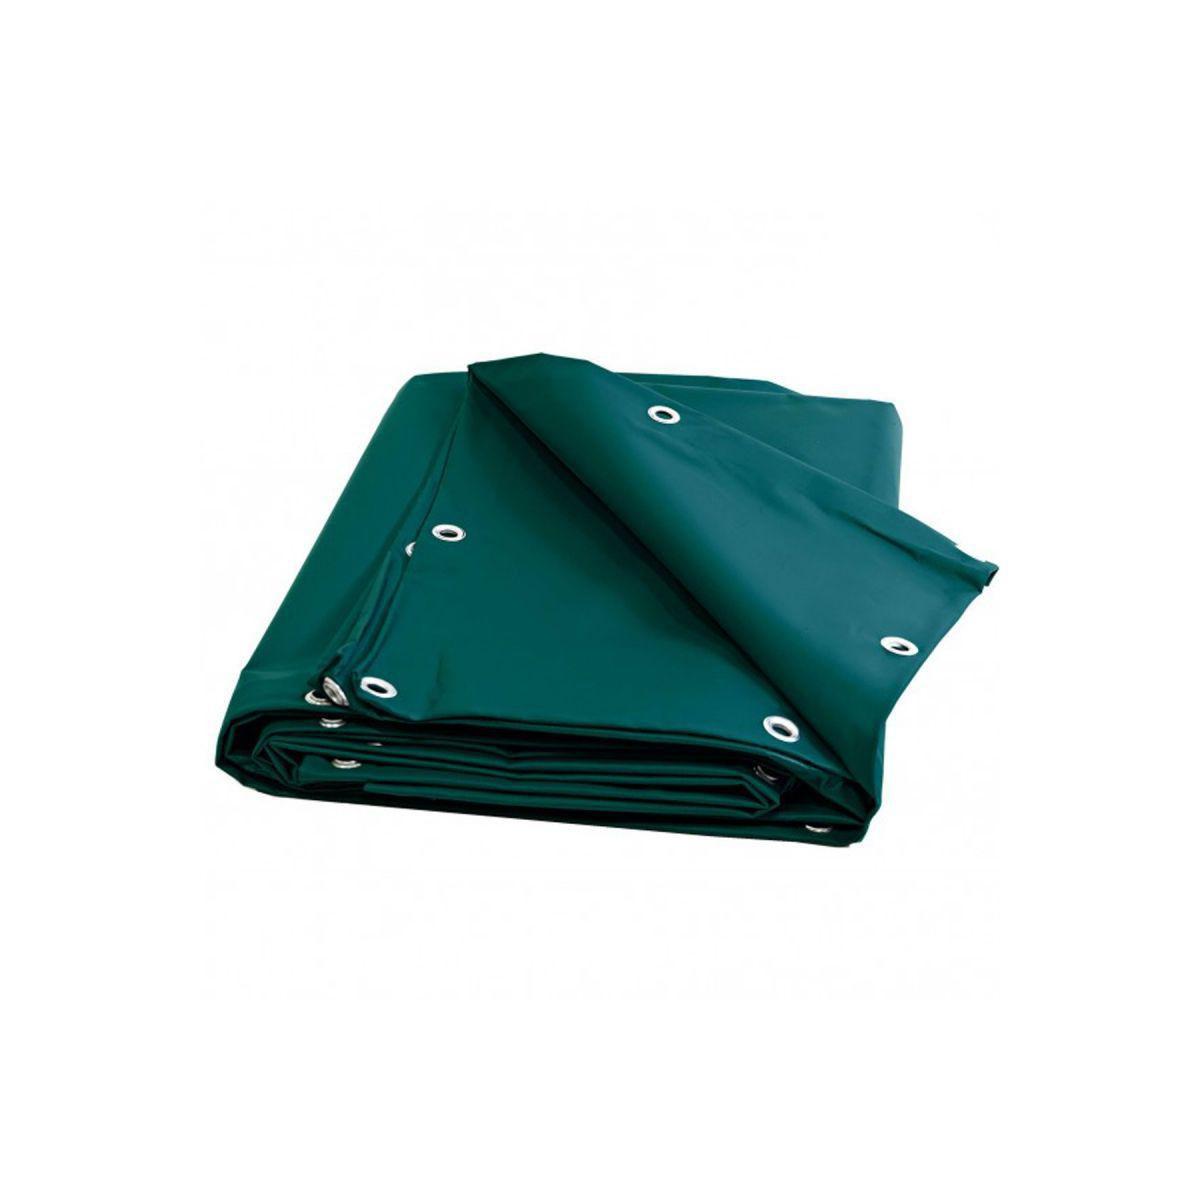 Univers Du Pro Bâche Pergola 5 x 4 m Verte 680 g/m2 PVC Haute qualité